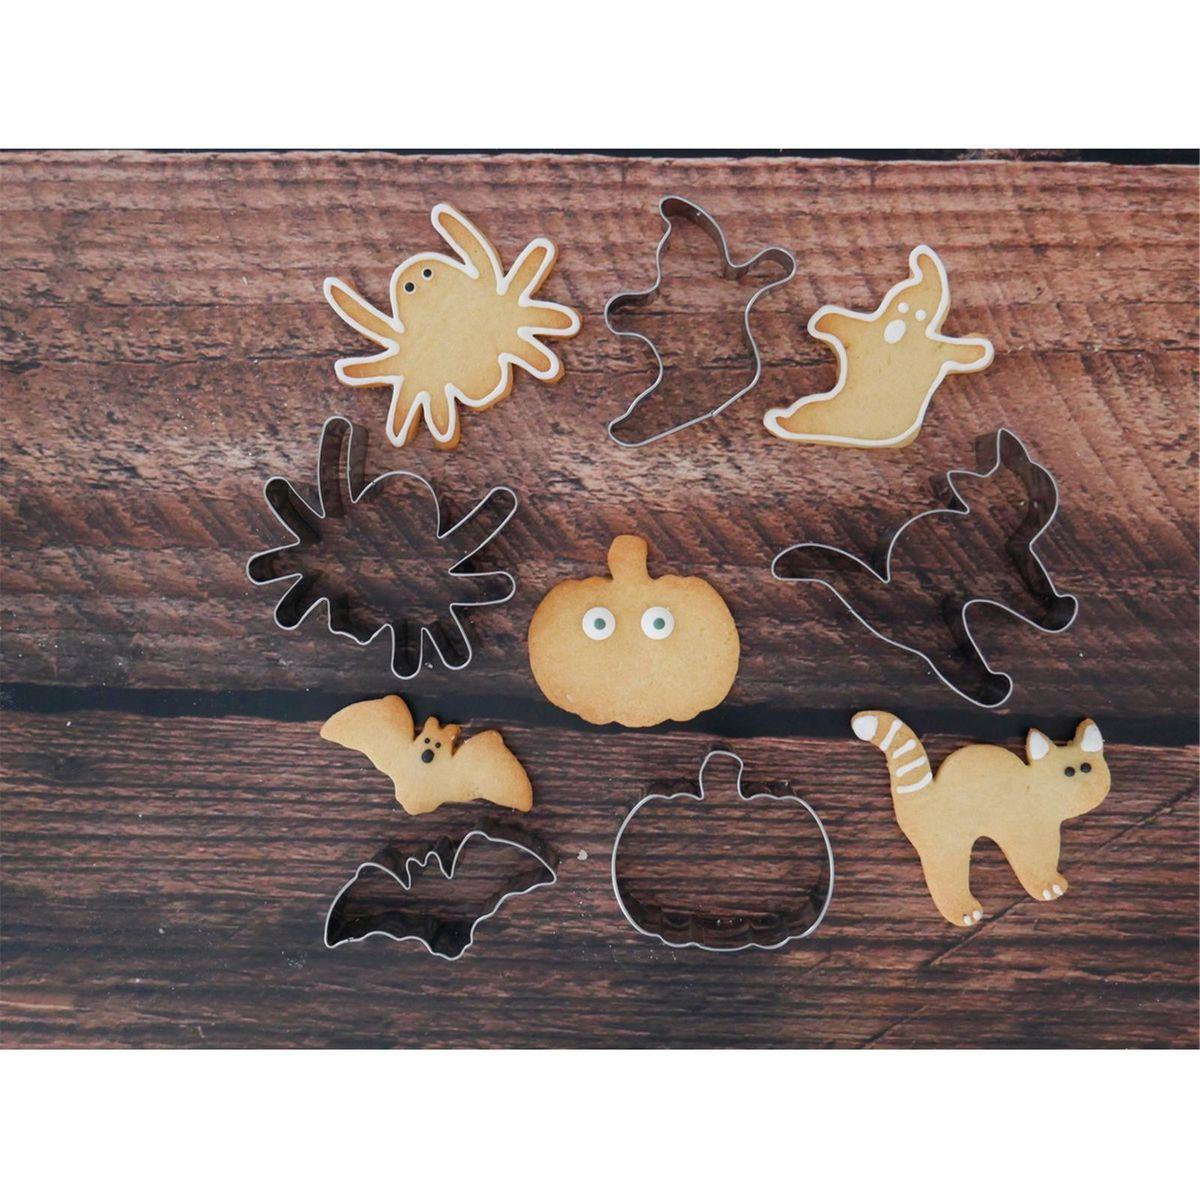 Set de 5 emporte-pièces en inox Halloween : araignée, fantôme, citrouille, chat et chauve souris - Alice Délice